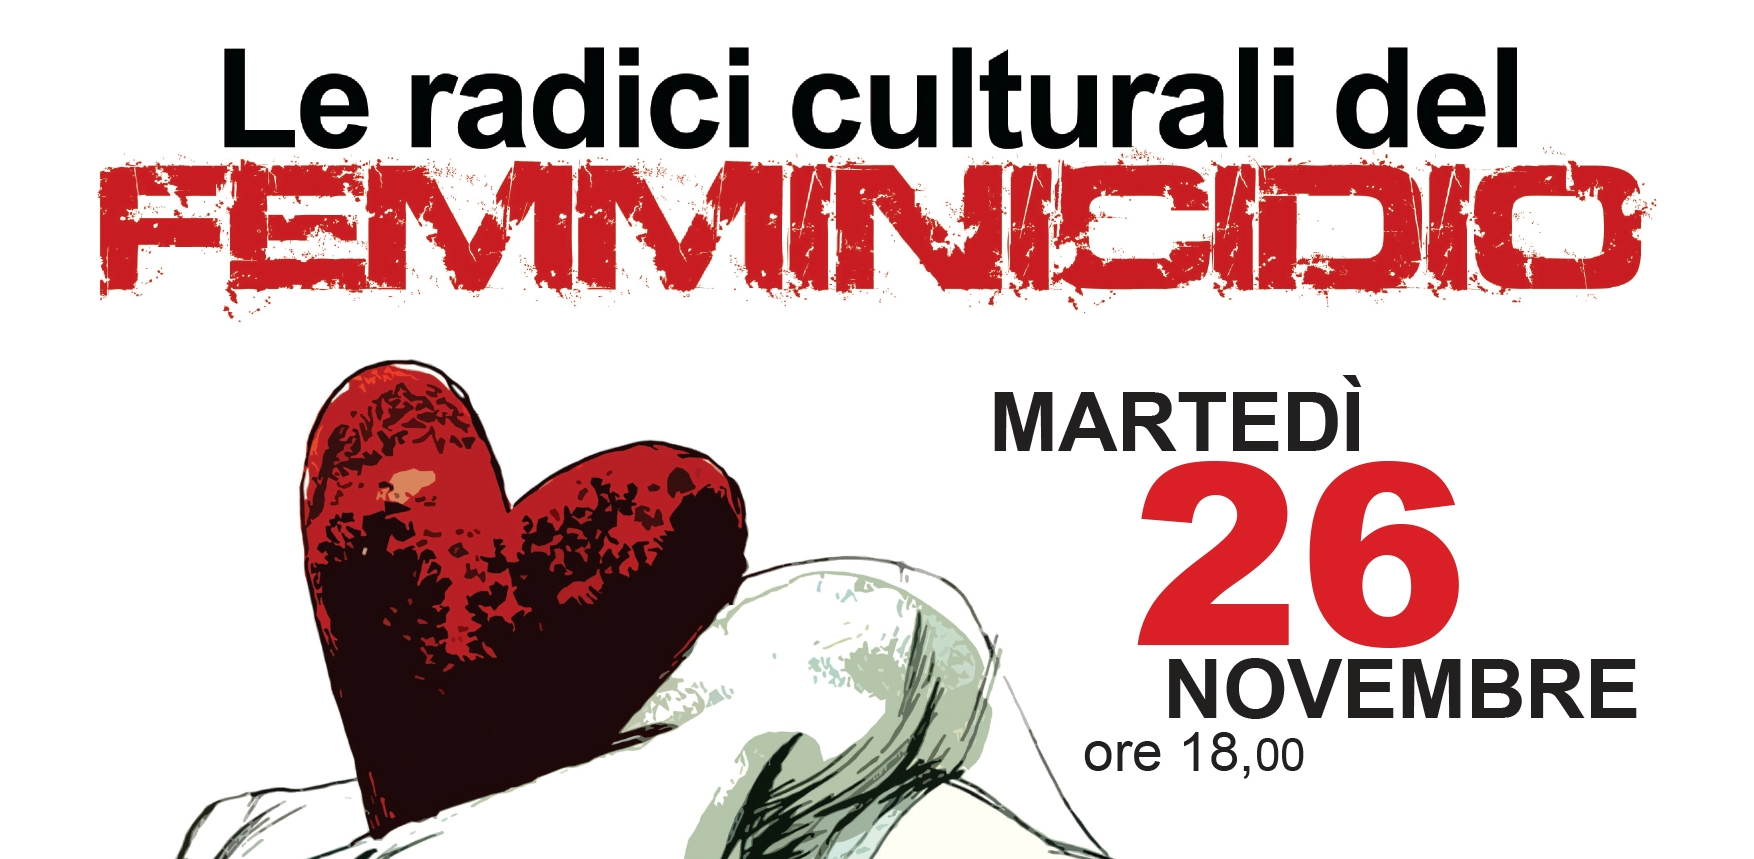 Femminicidio, ad Acireale un laboratorio per indagare l'origine culturale del dramma